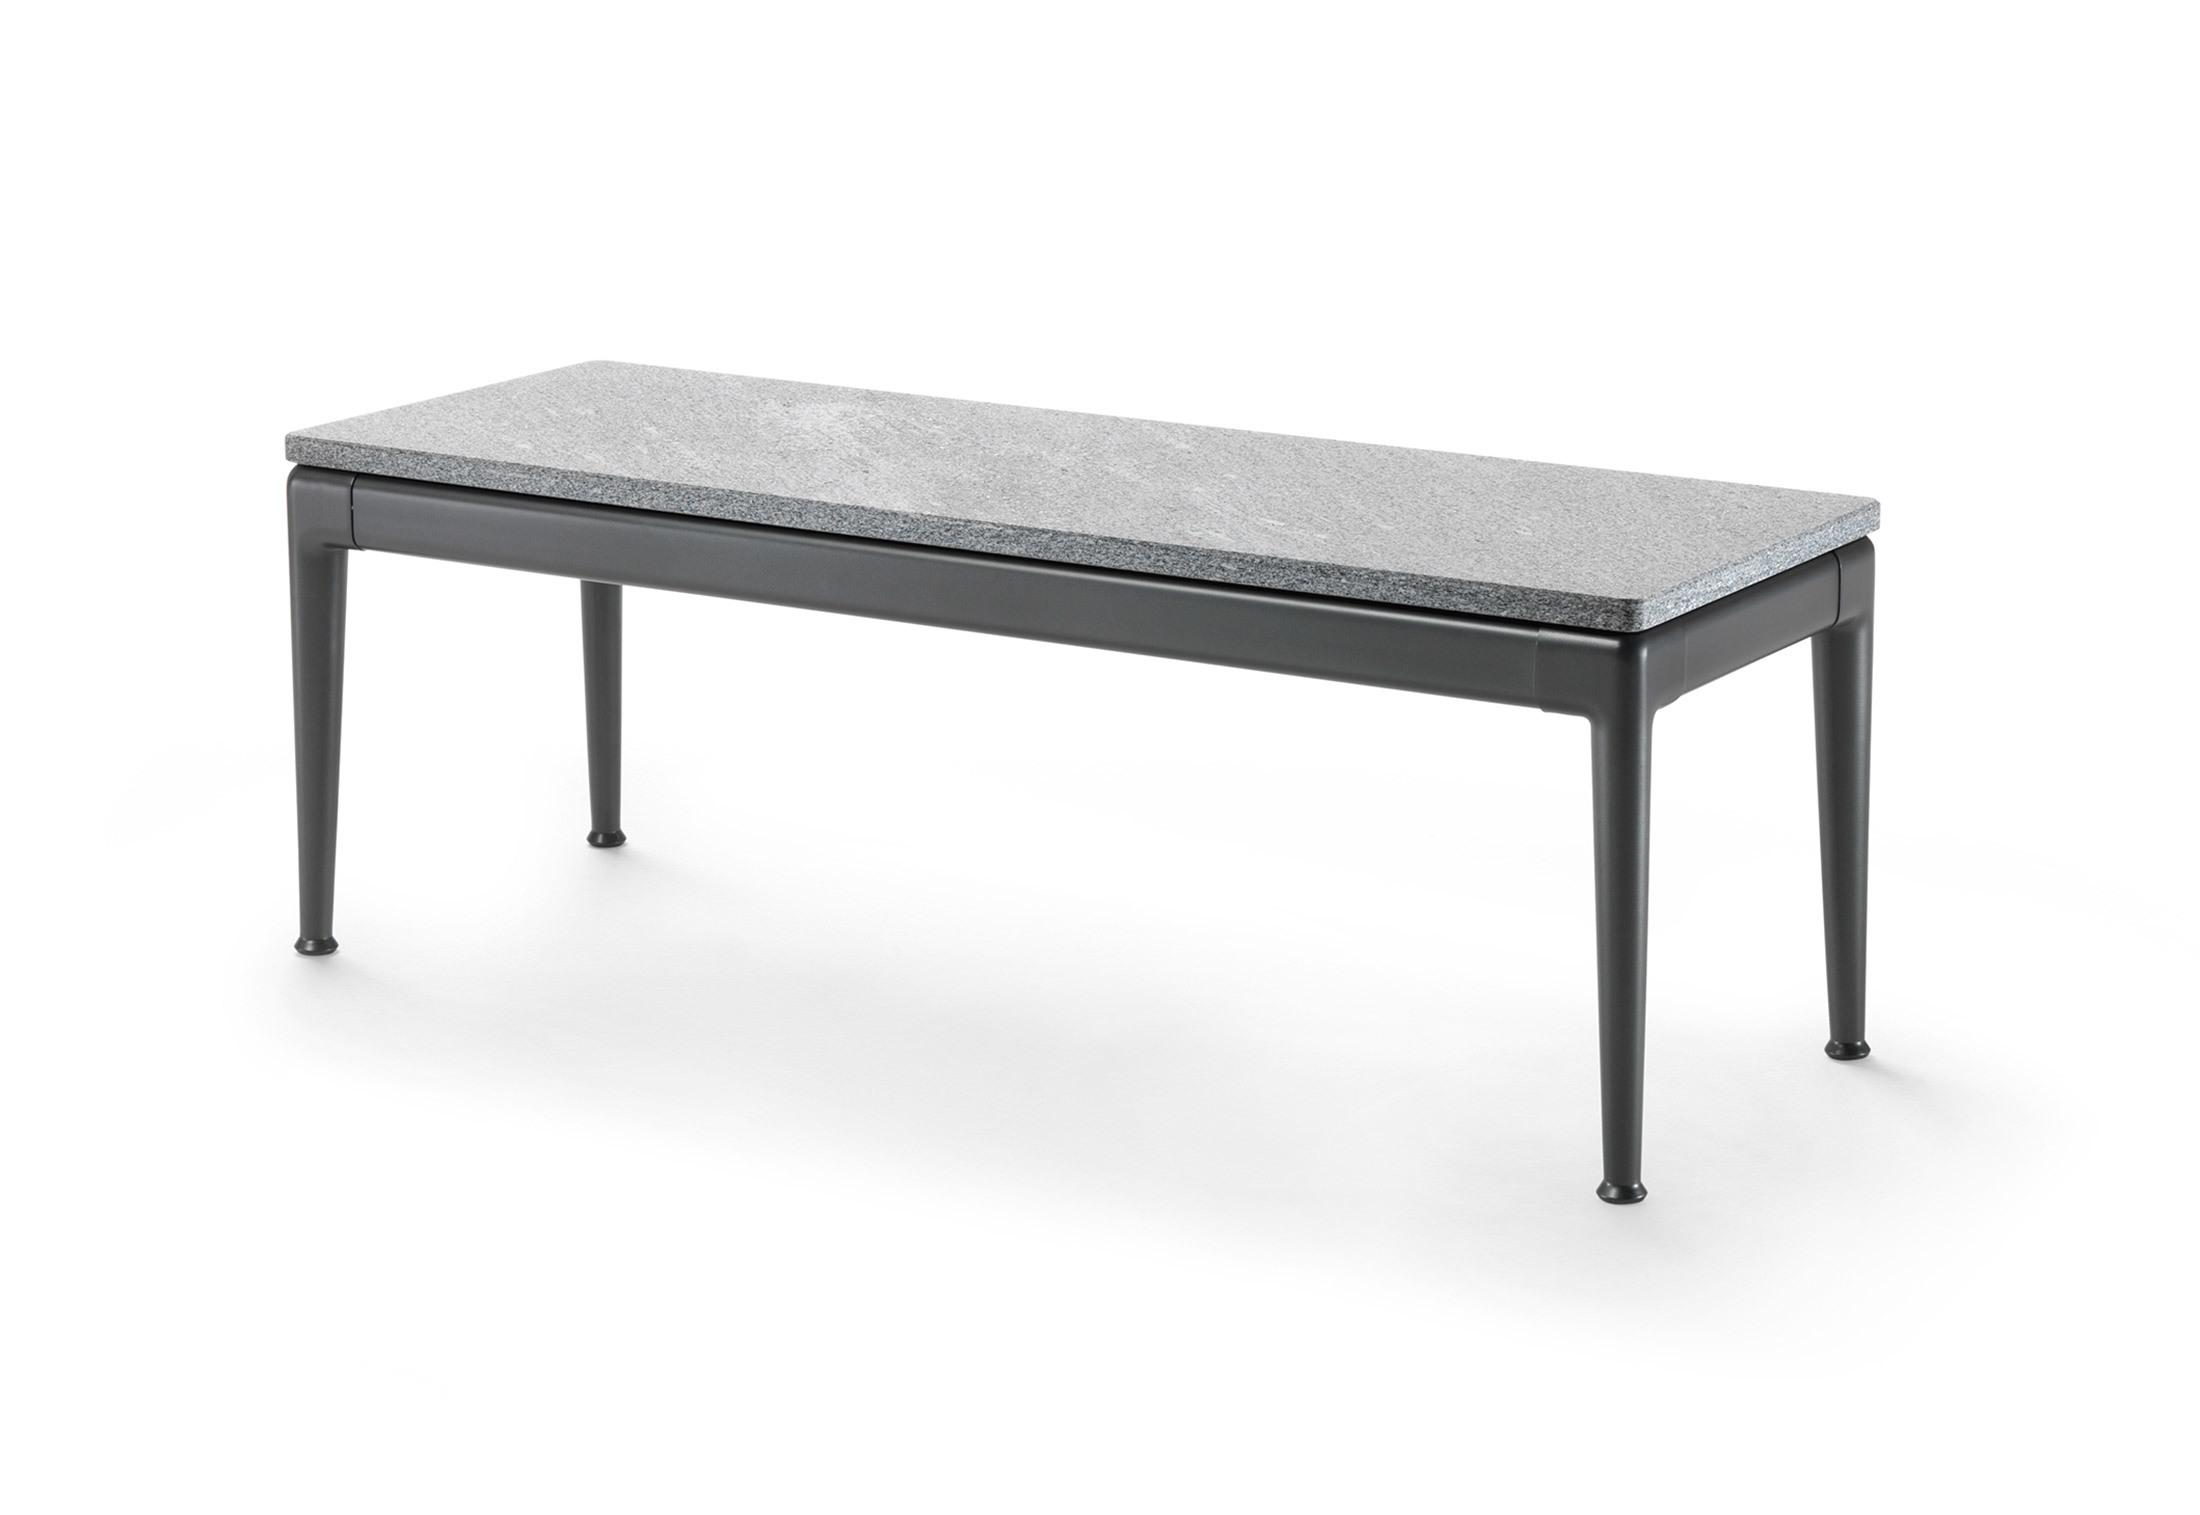 pico outdoor coffee table by flexform